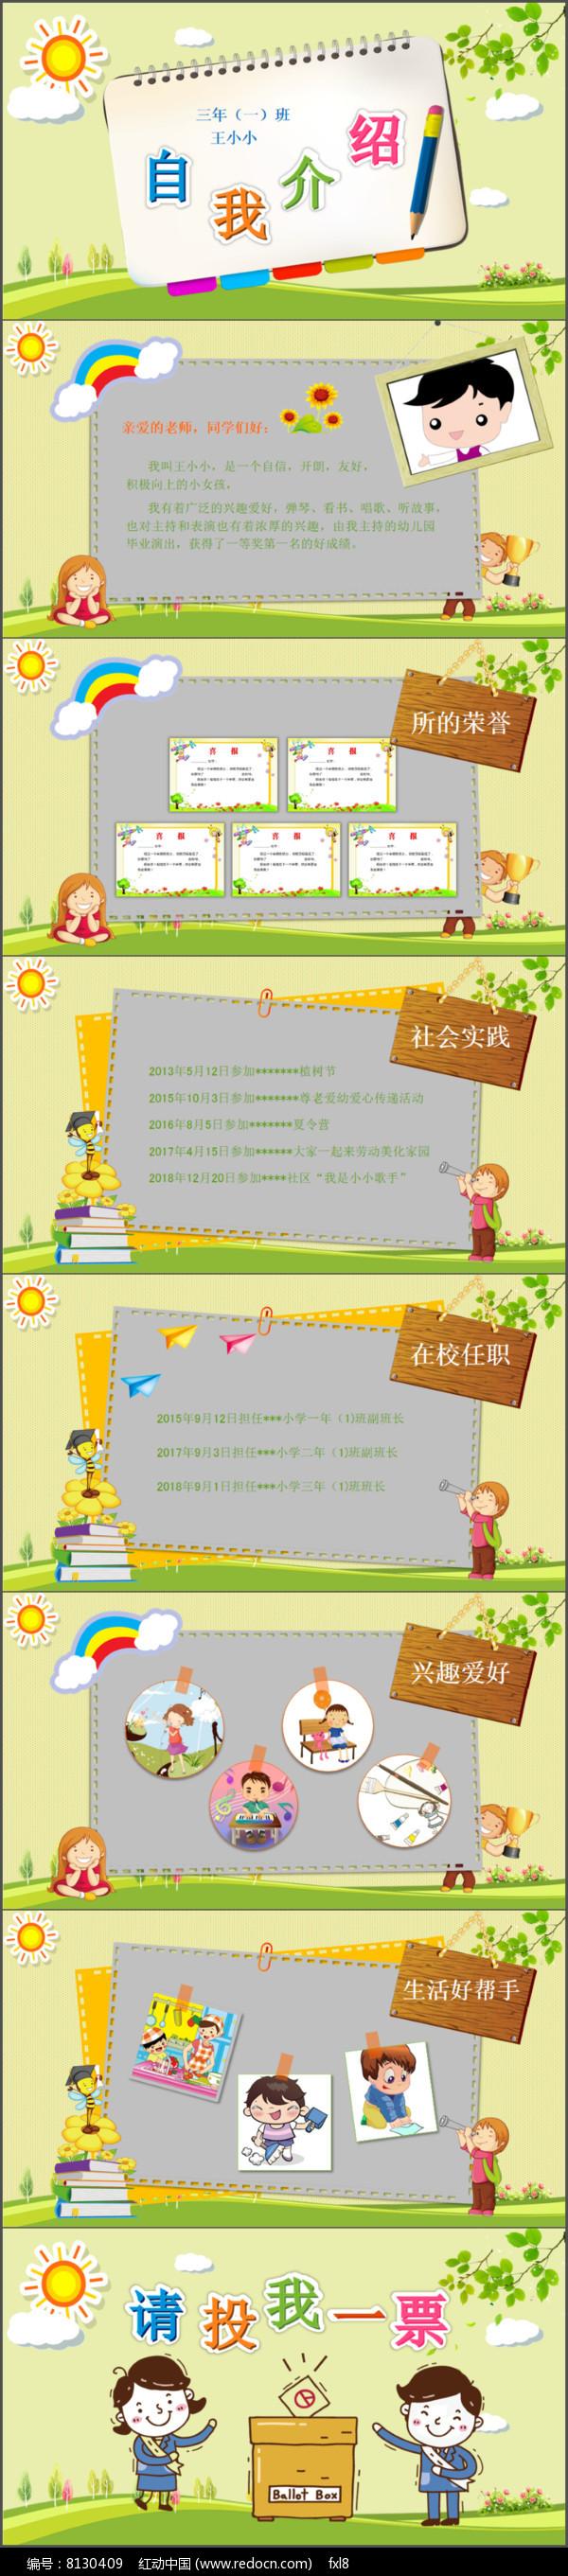 自我介绍_清新淡雅小学生竞选自我介绍ppt模板图片